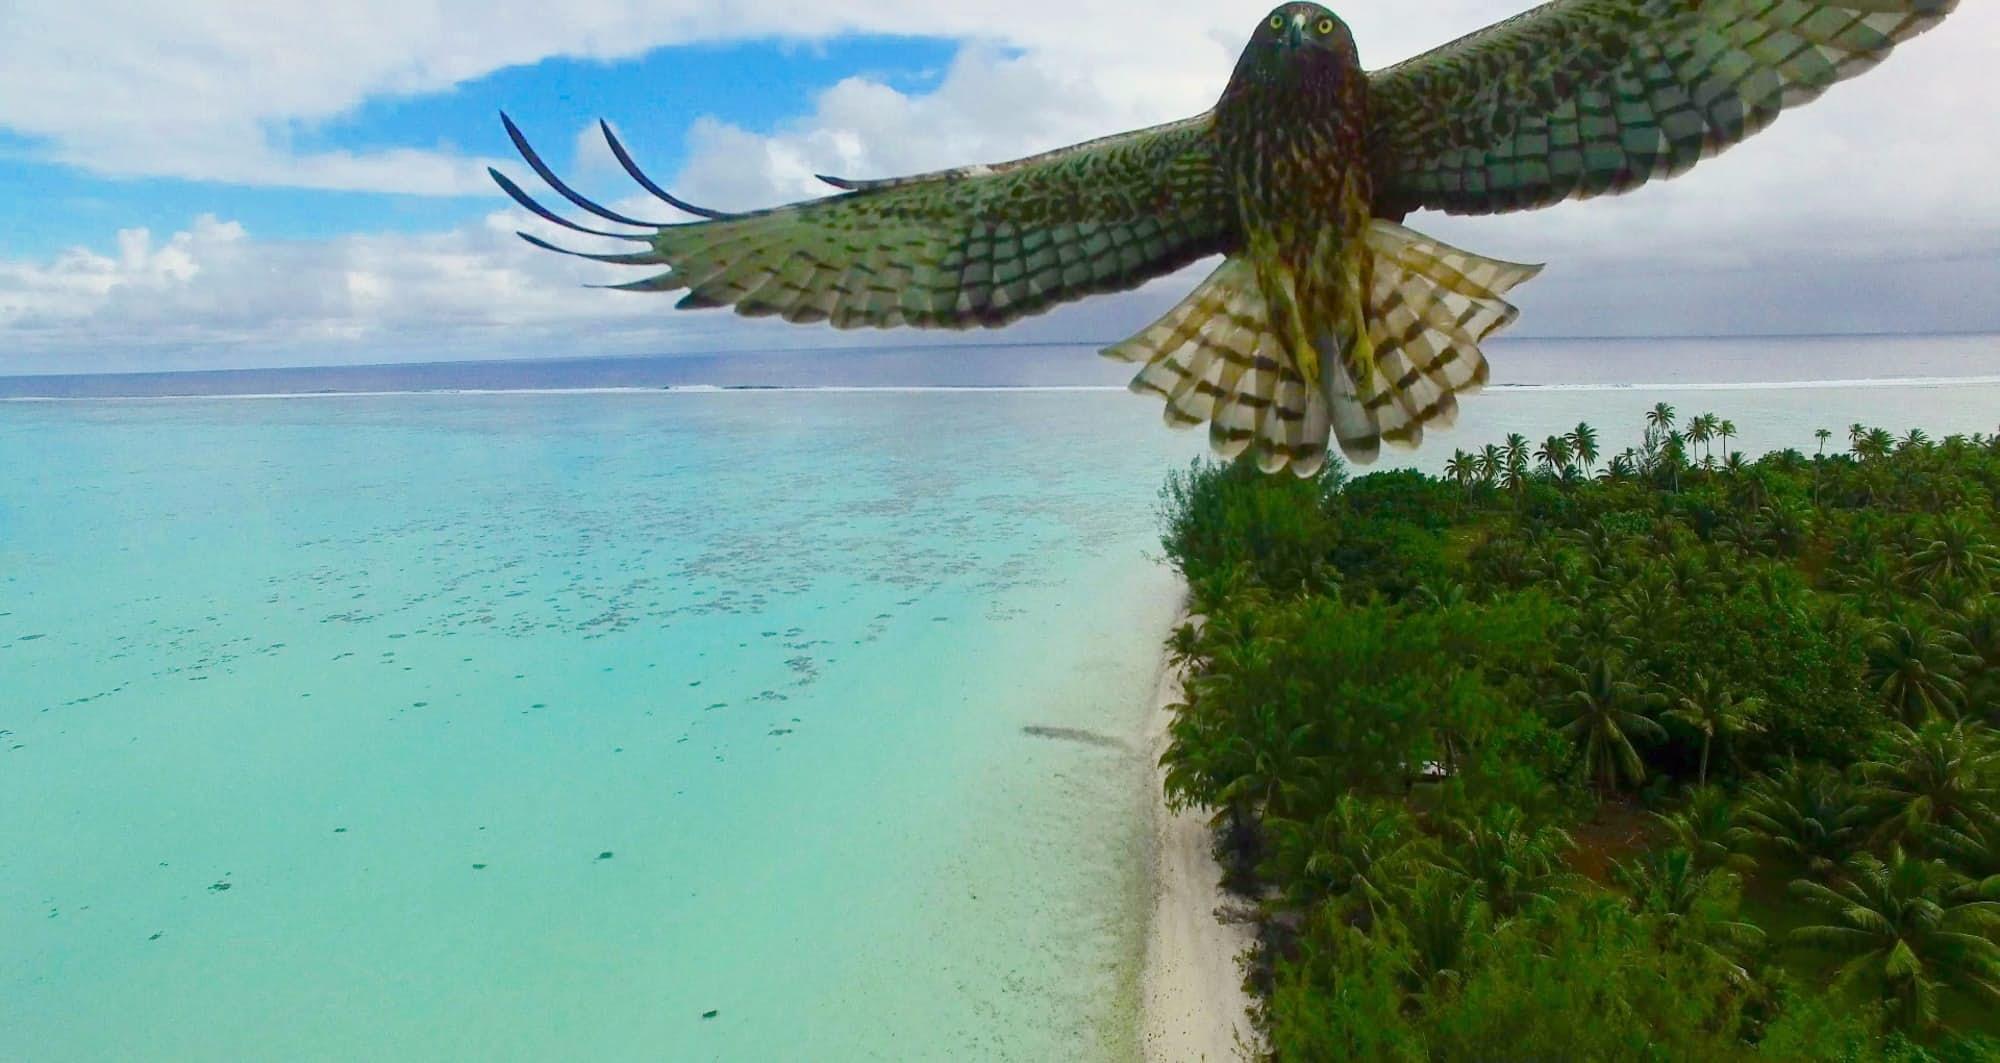 Một chú chim lại gần để xem xét máy bay drone ở Polynesia (ảnh: Actua Drone)